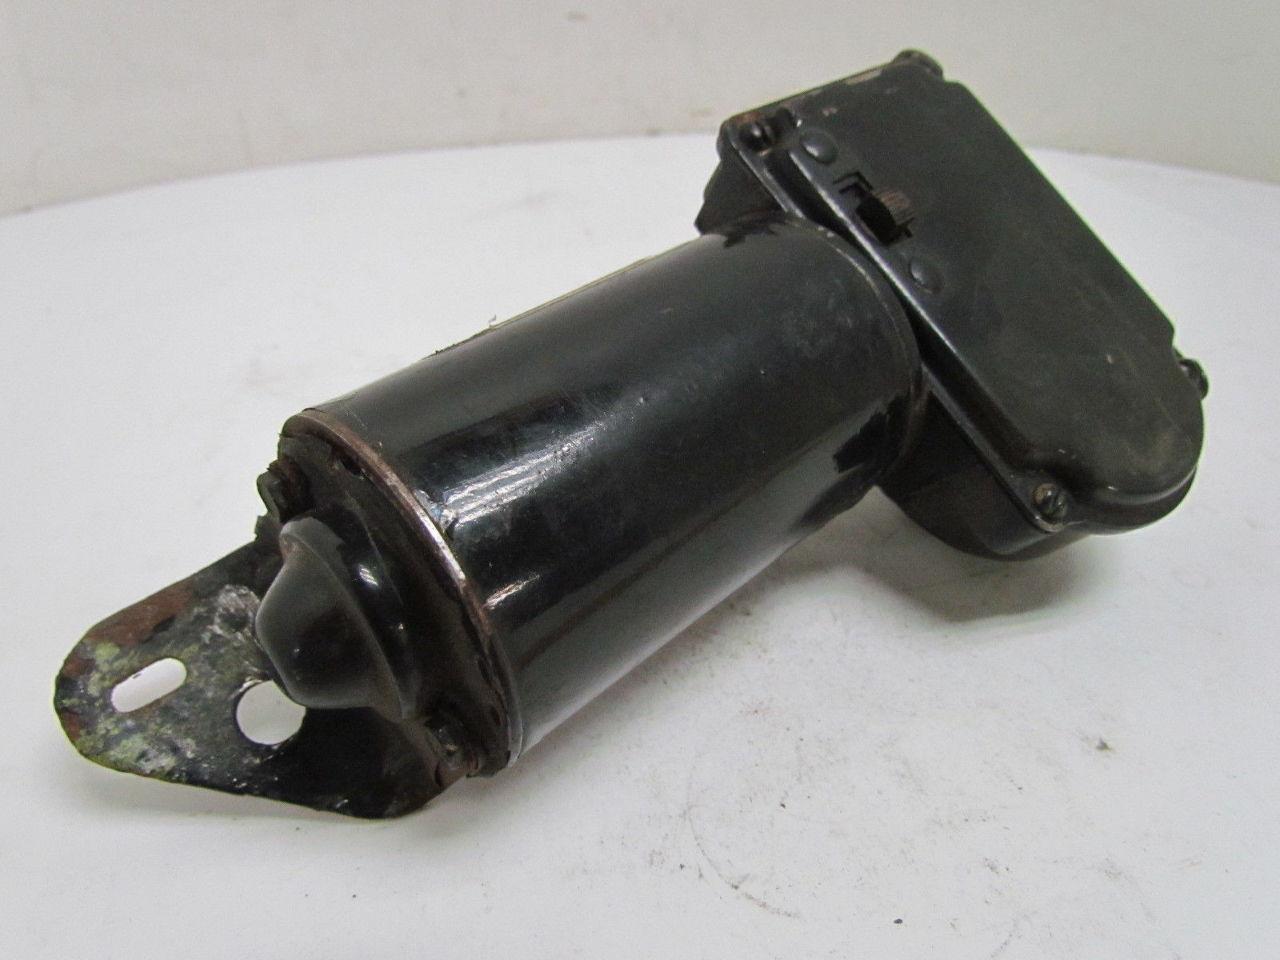 Wwf12c19 510 Windshield Wiper Motor Type Wwf 12v Ebay